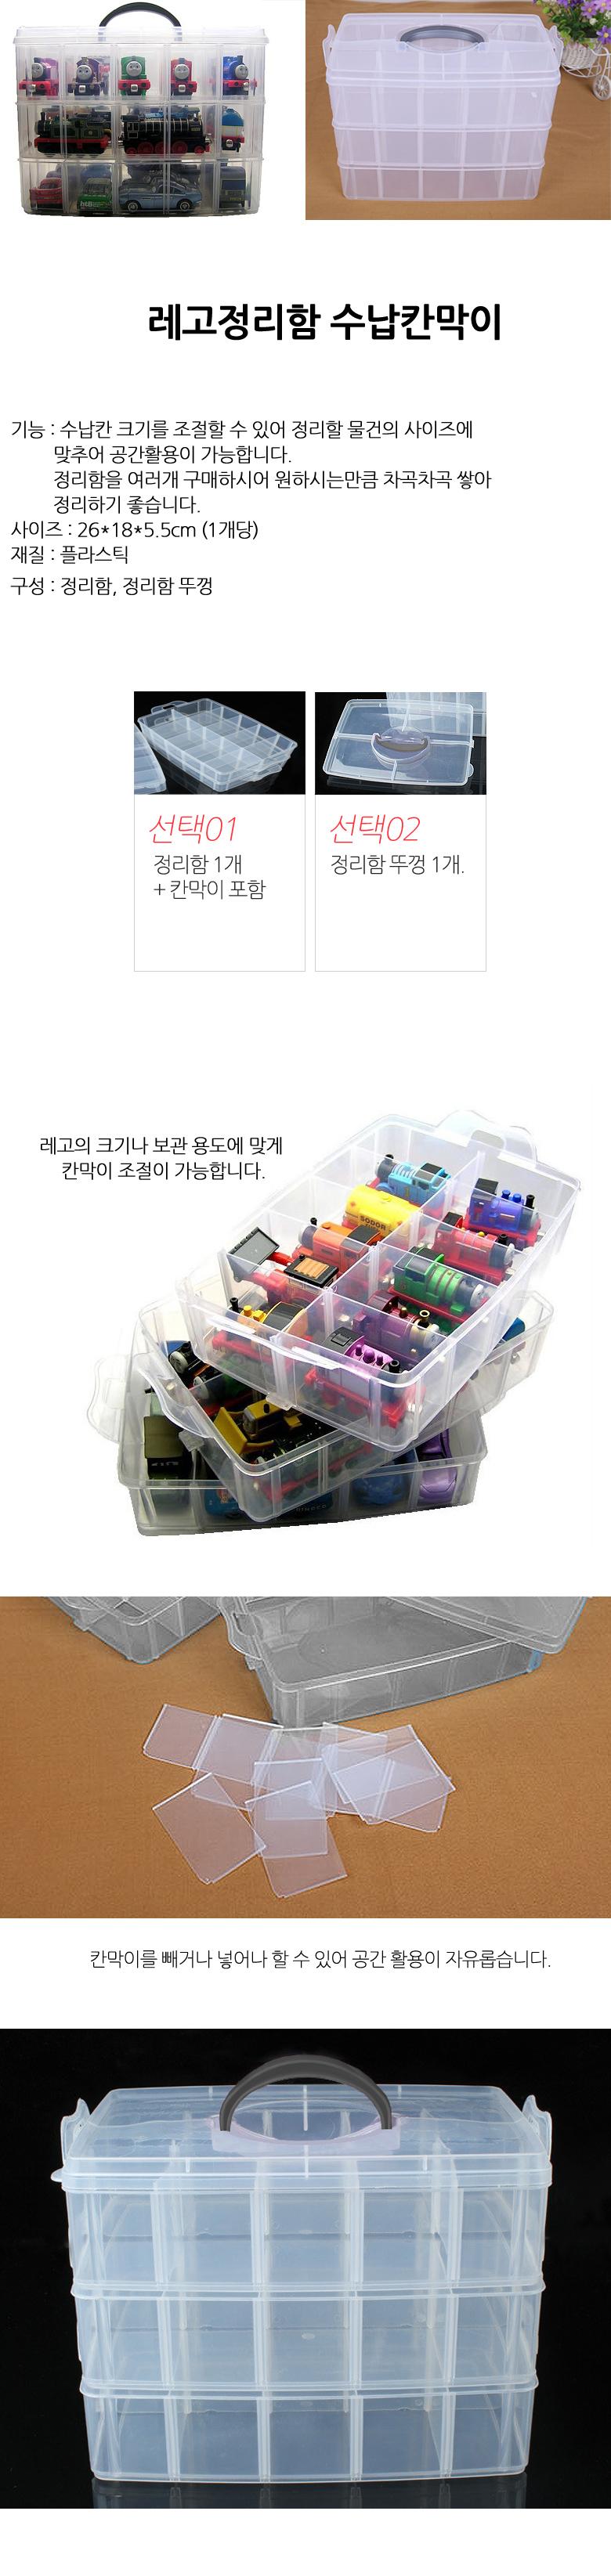 레고정리함 수납칸막이 - 홀트레이드, 1,800원, 레고/블록, 블록완구